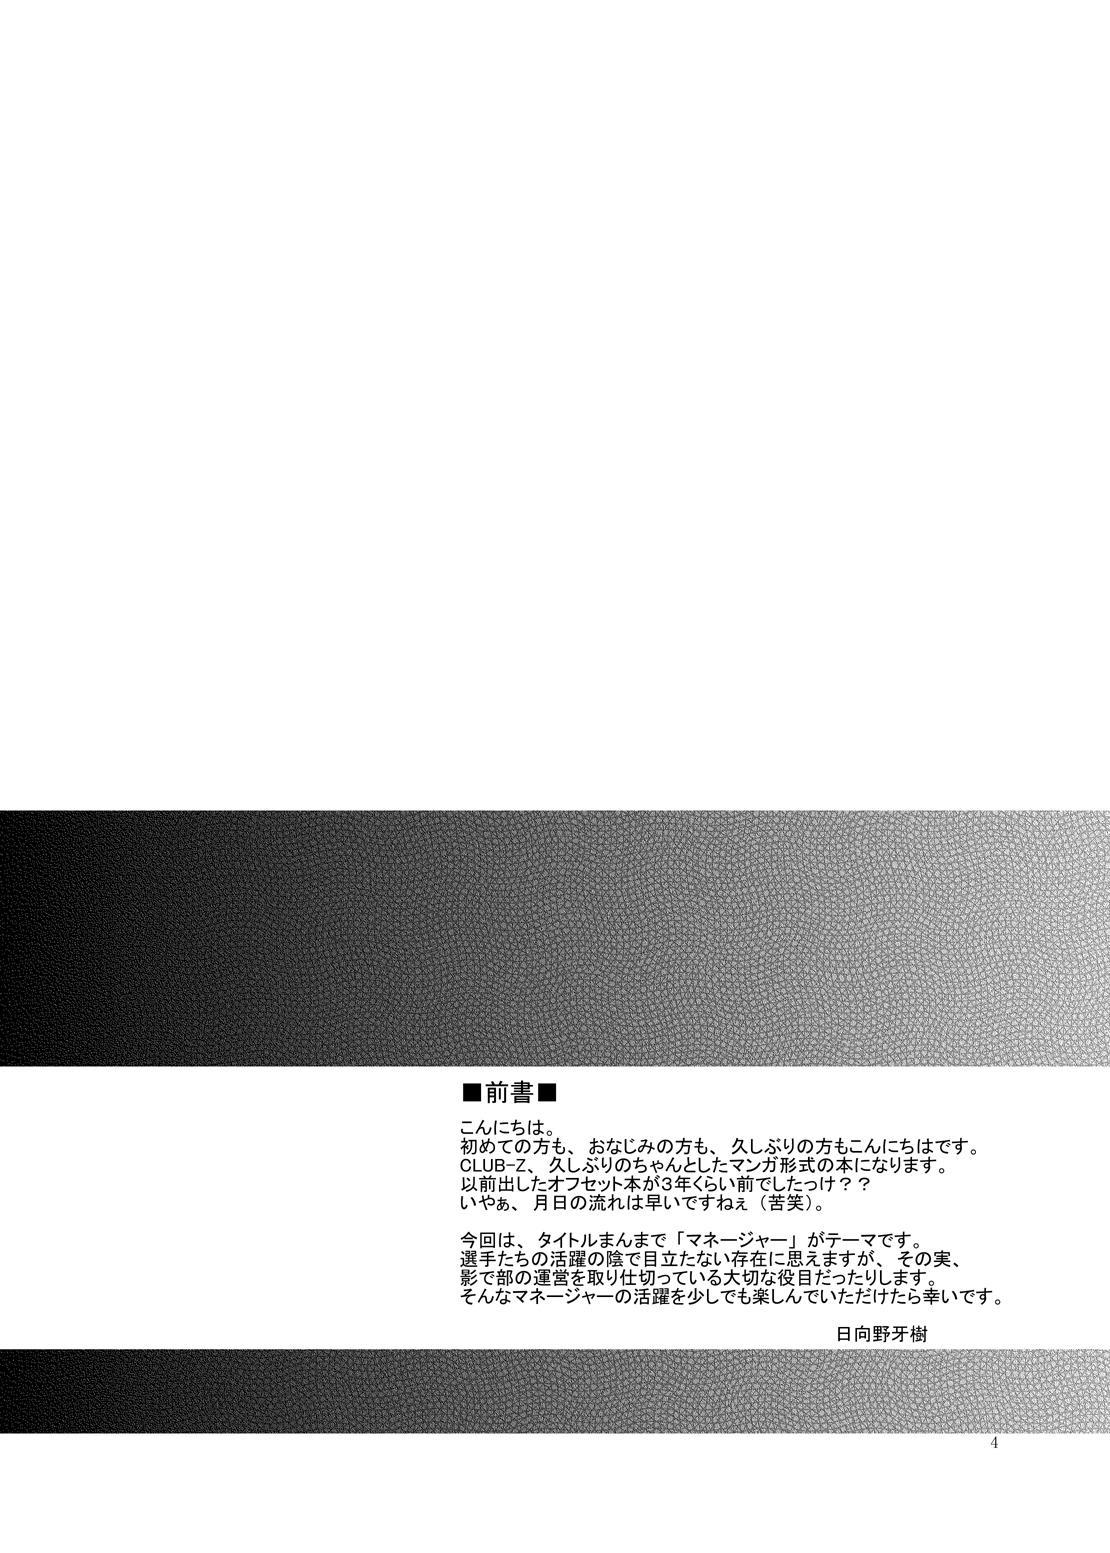 Manage no Oshigoto 2